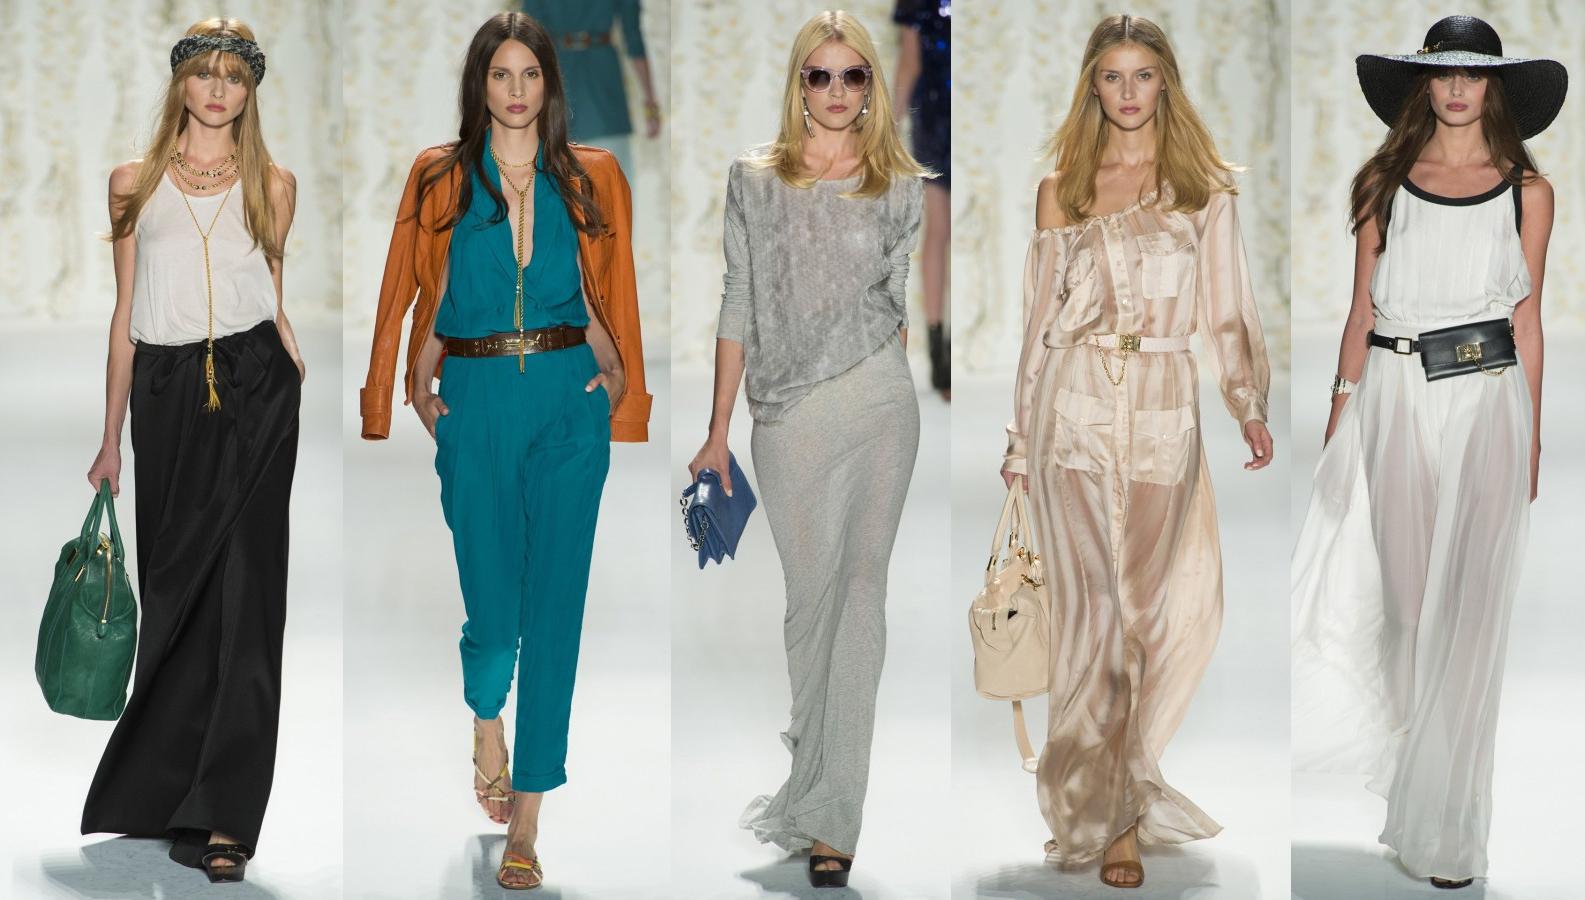 Rachel zoe коллекция модной одежды на